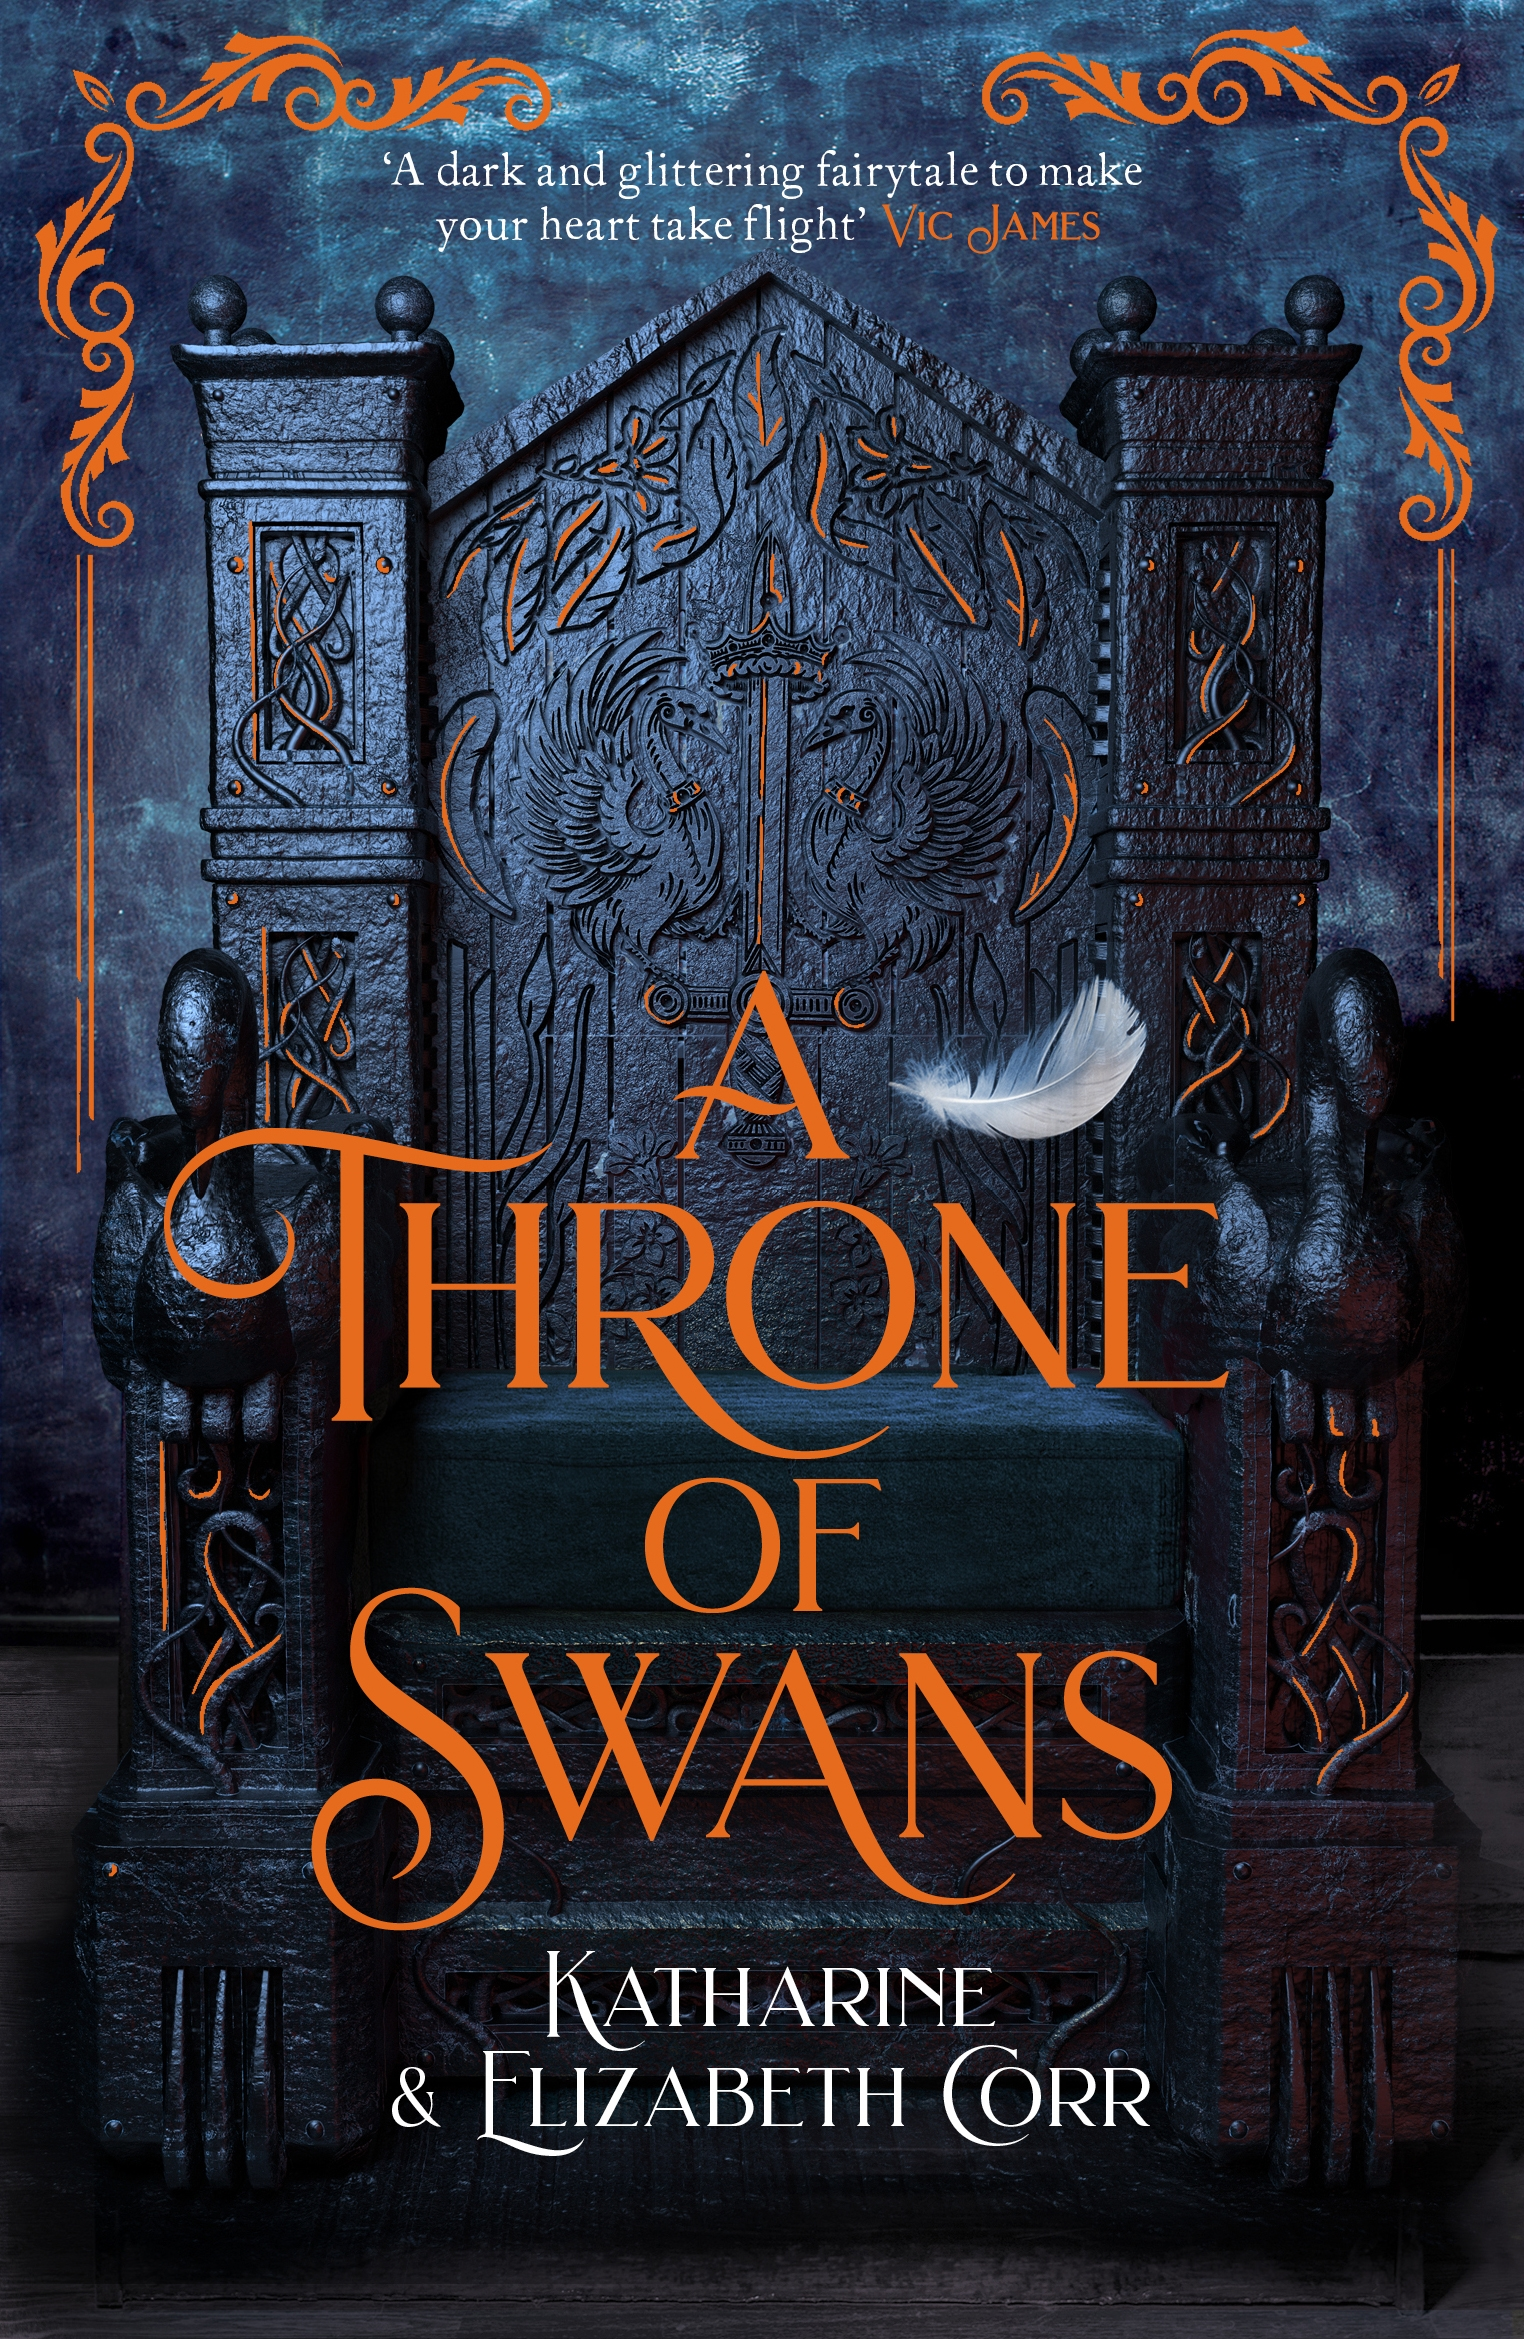 A Throne of Swans by Katharine & Elizabeth Corr